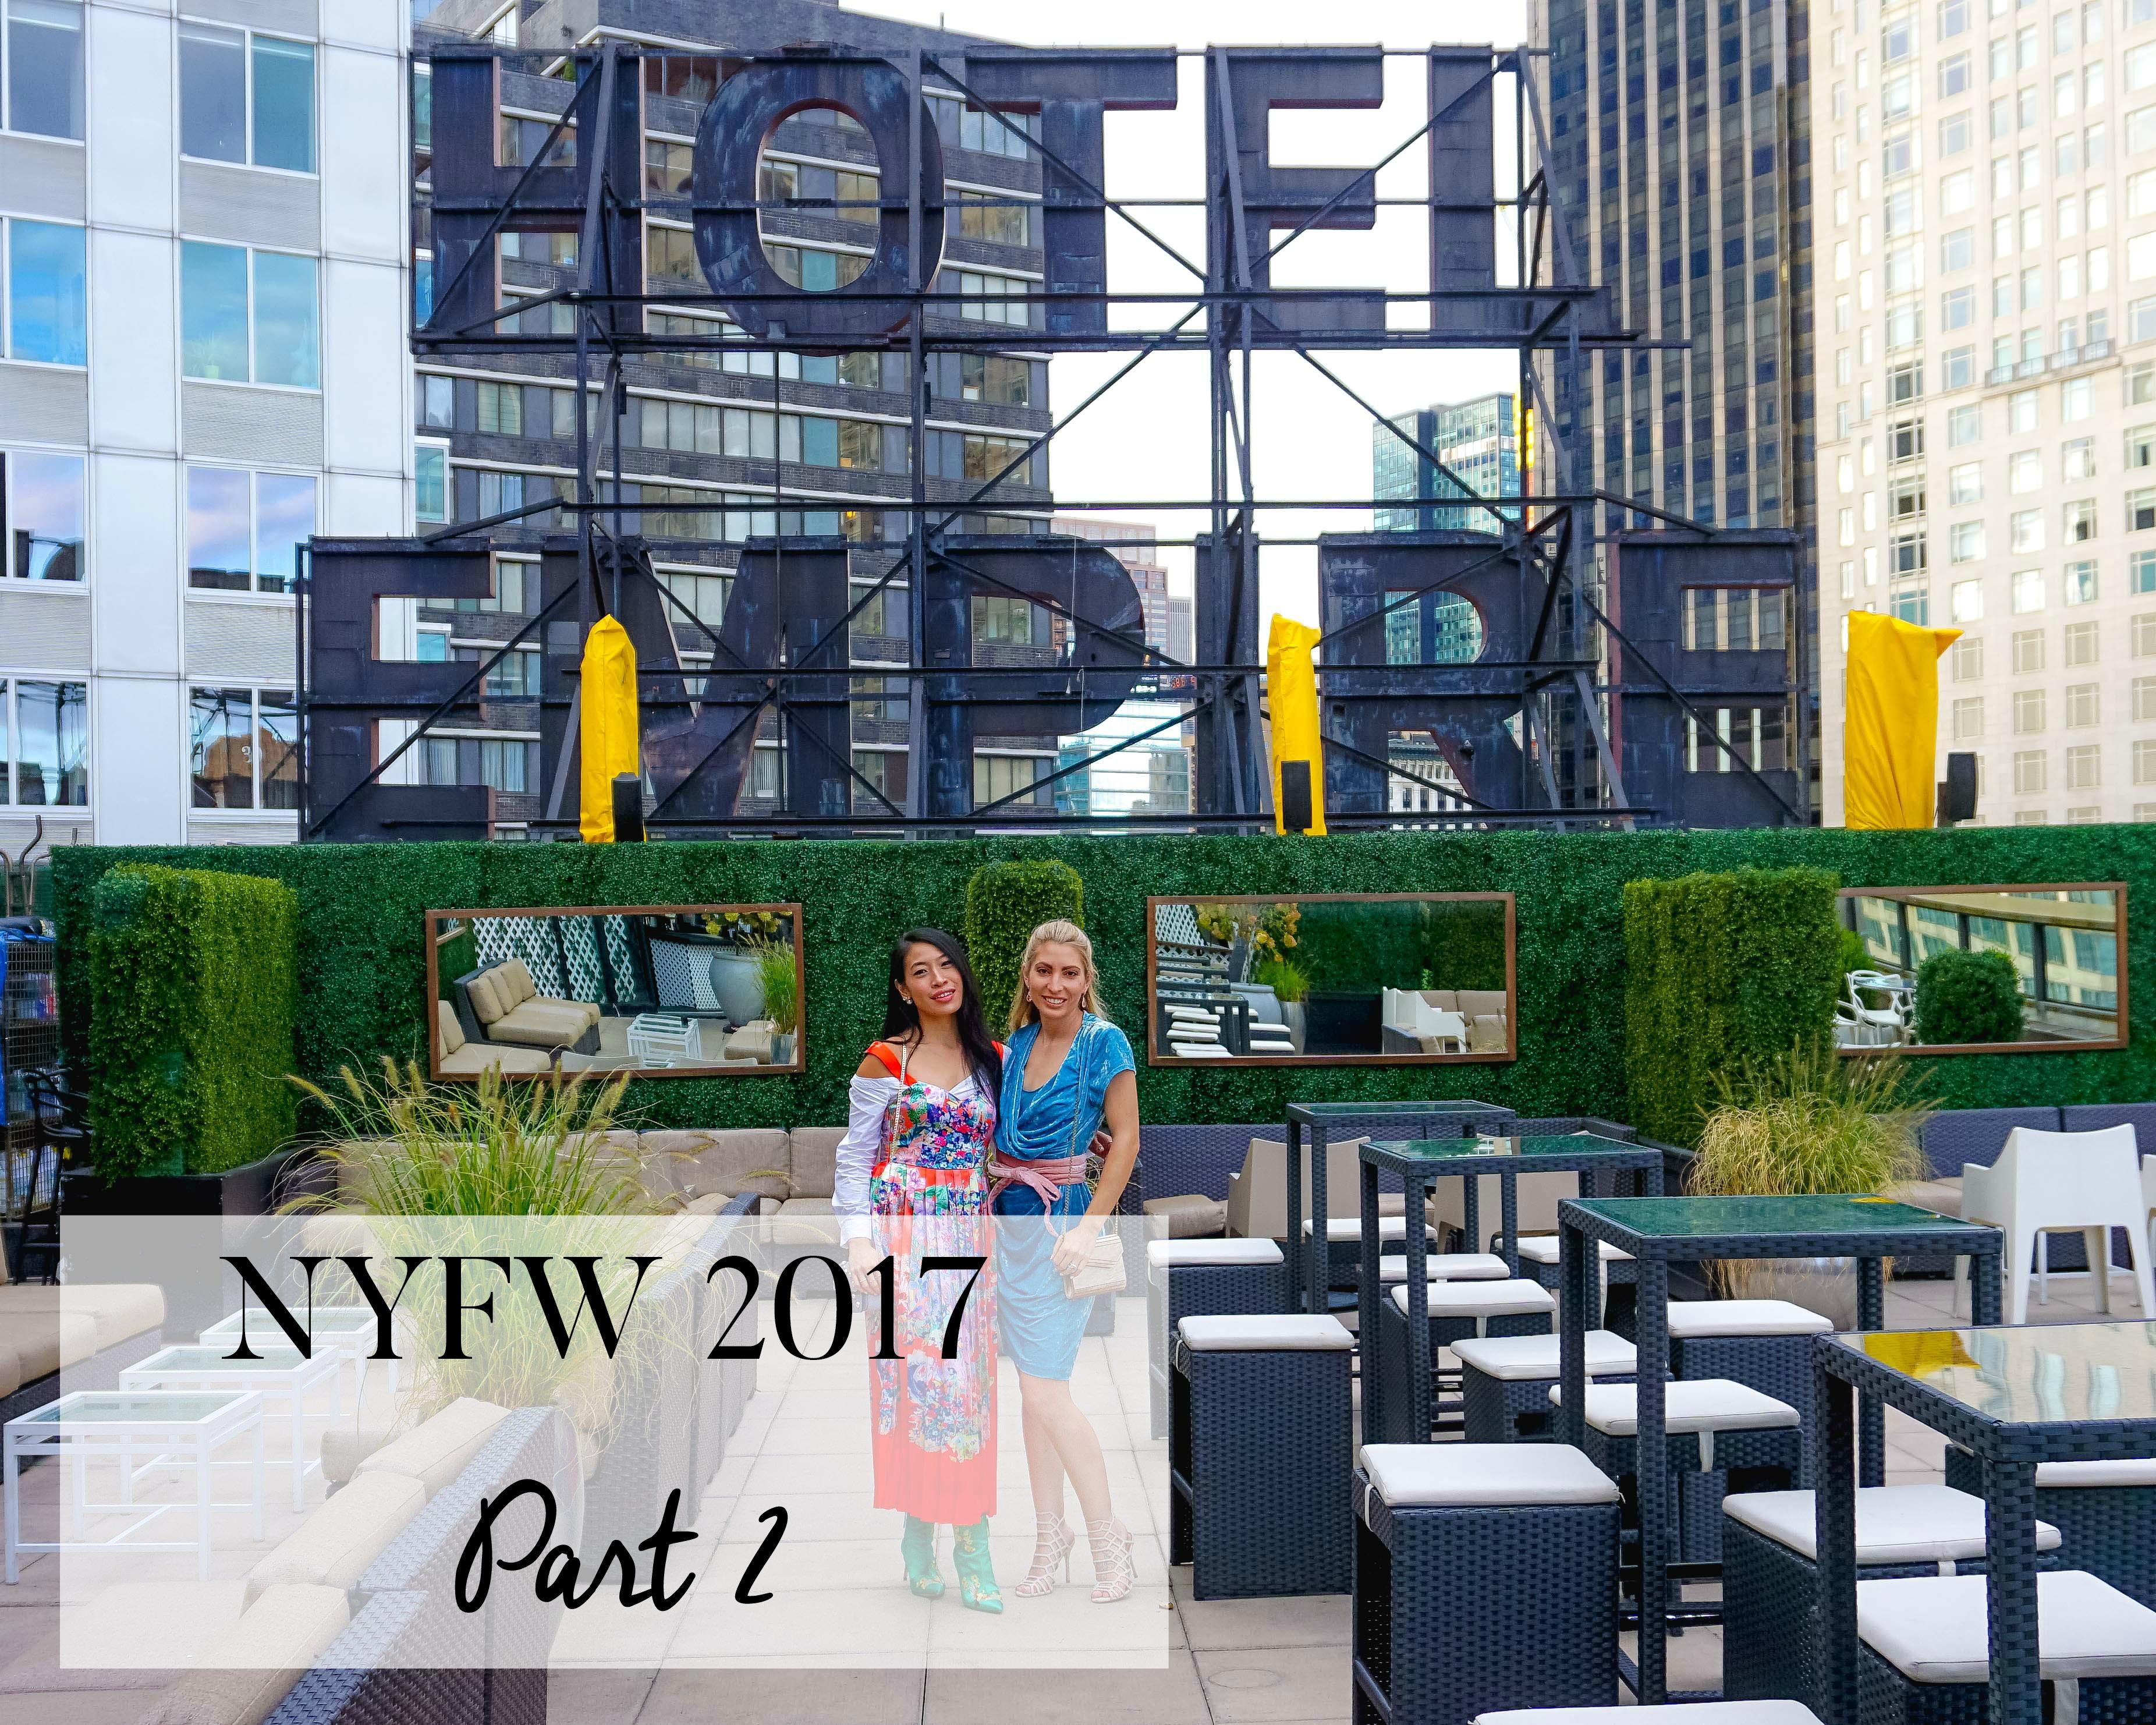 NYFW 2017- PART 2